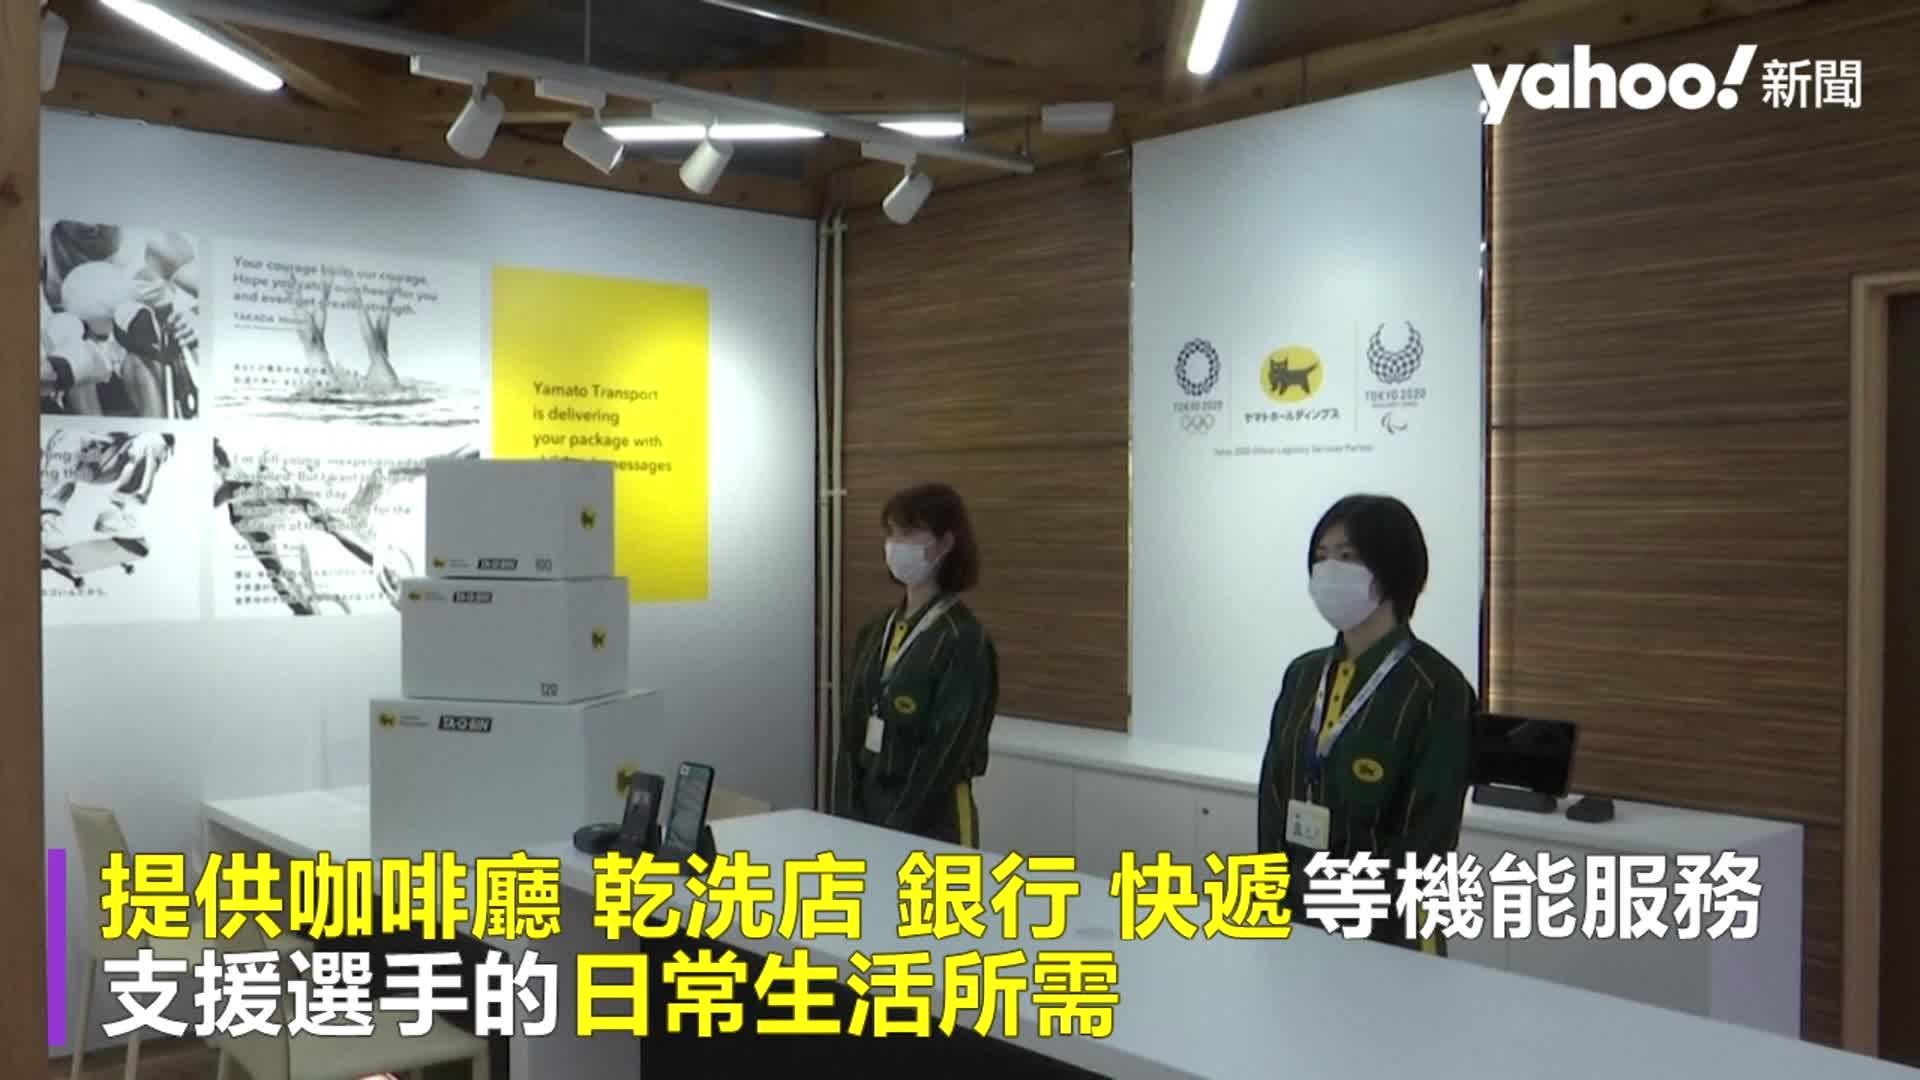 東奧選手村曝光供1.1萬運動員入住 占地44公頃打造日式木造風格